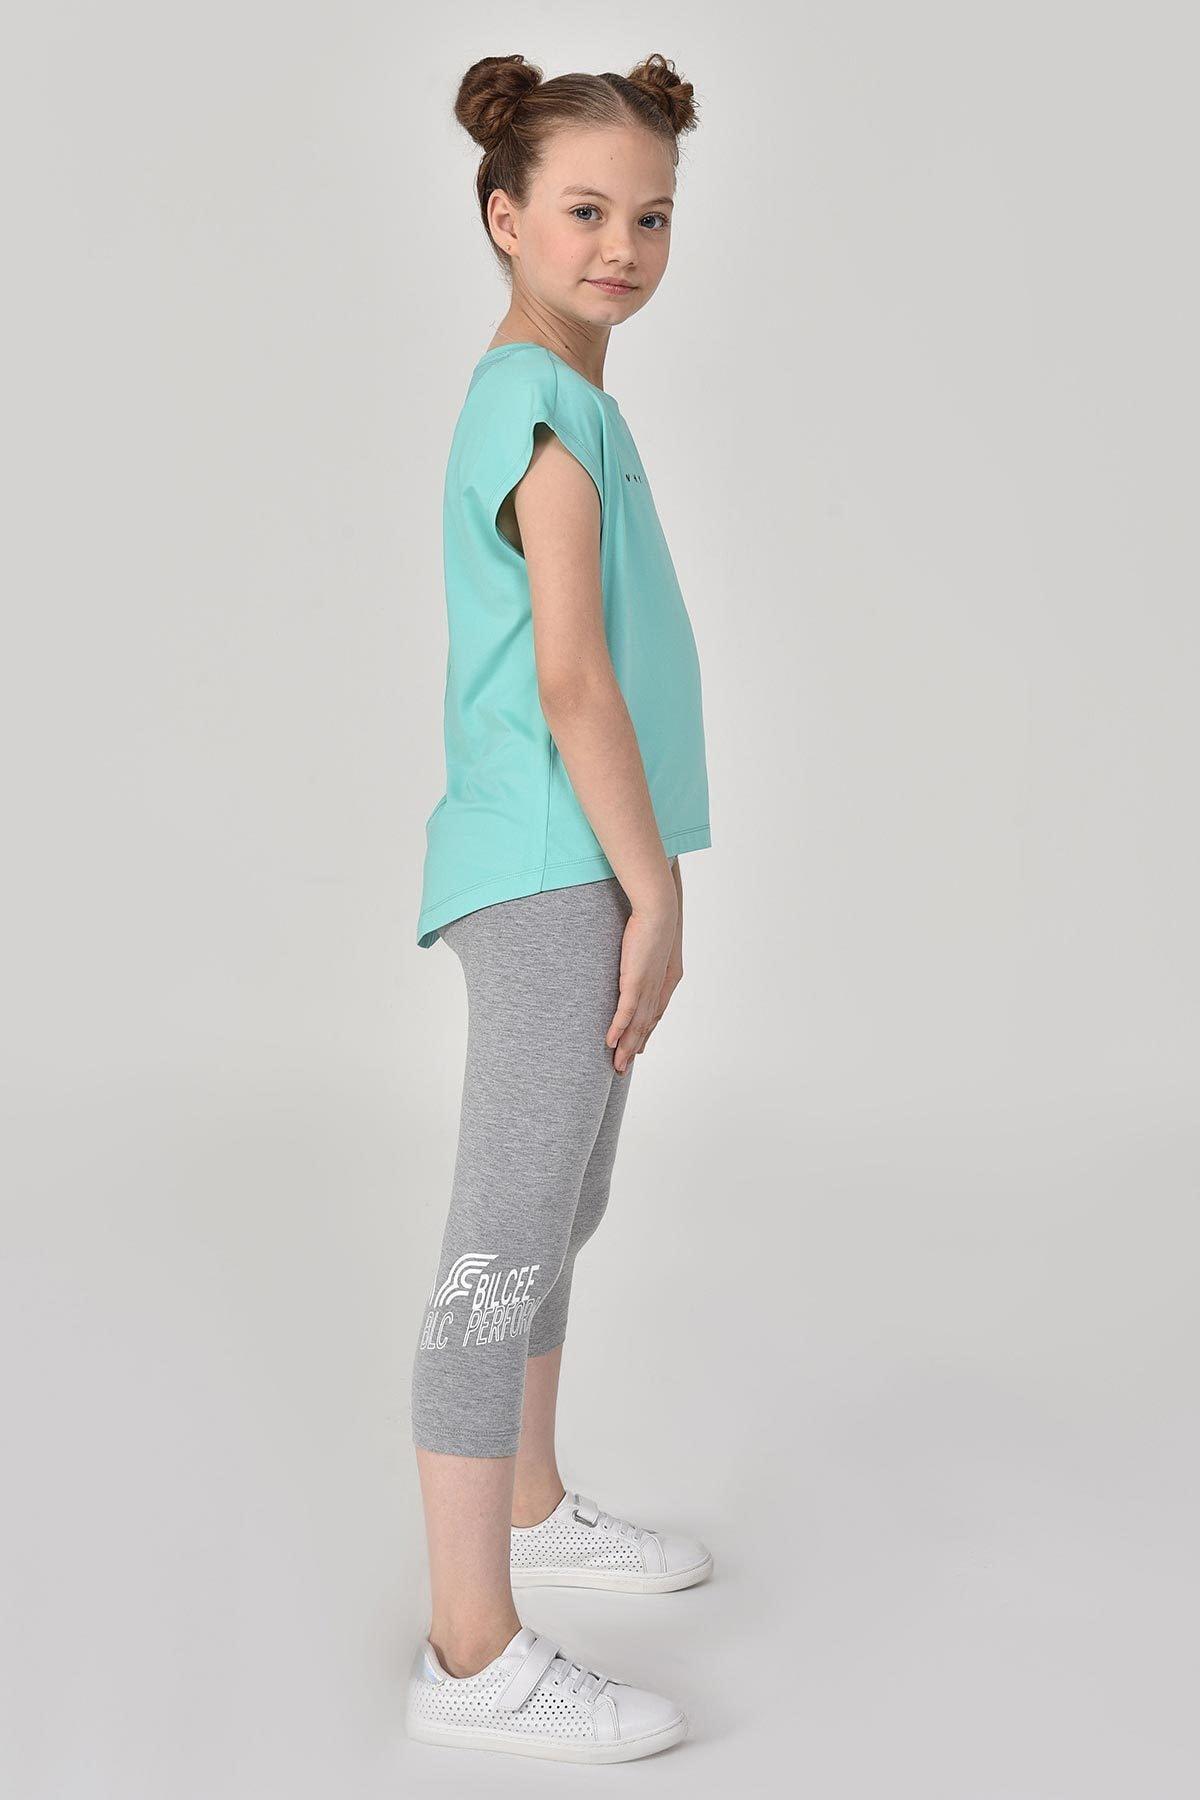 bilcee Turkuaz Kız Çocuk T-Shirt GS-8158 2